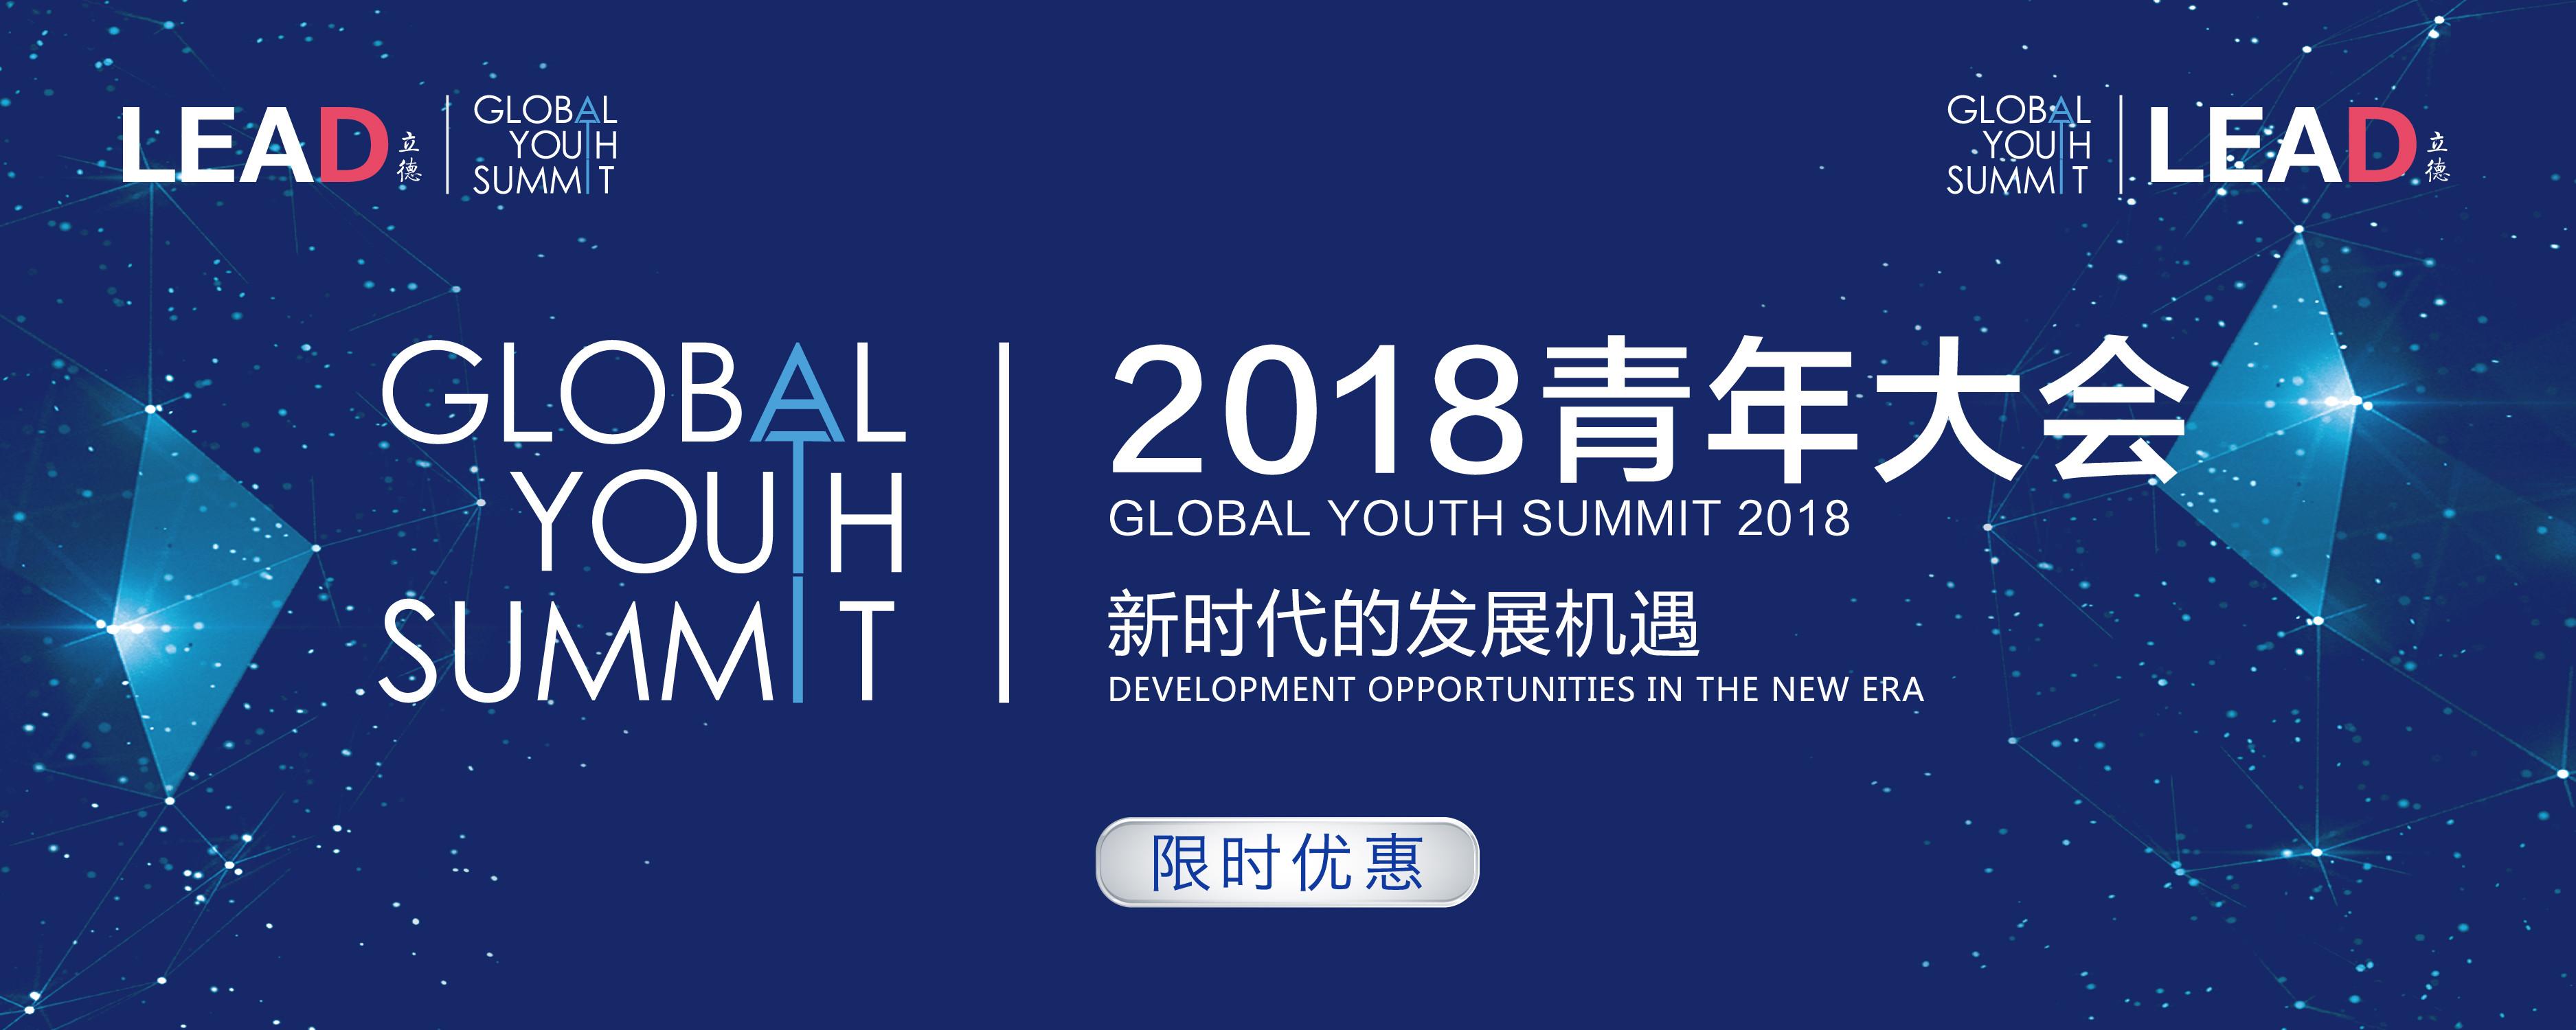 2018立德创业营暨全球青年大会 Youth Entrepreneur Camp & Global Youth Summit 2018